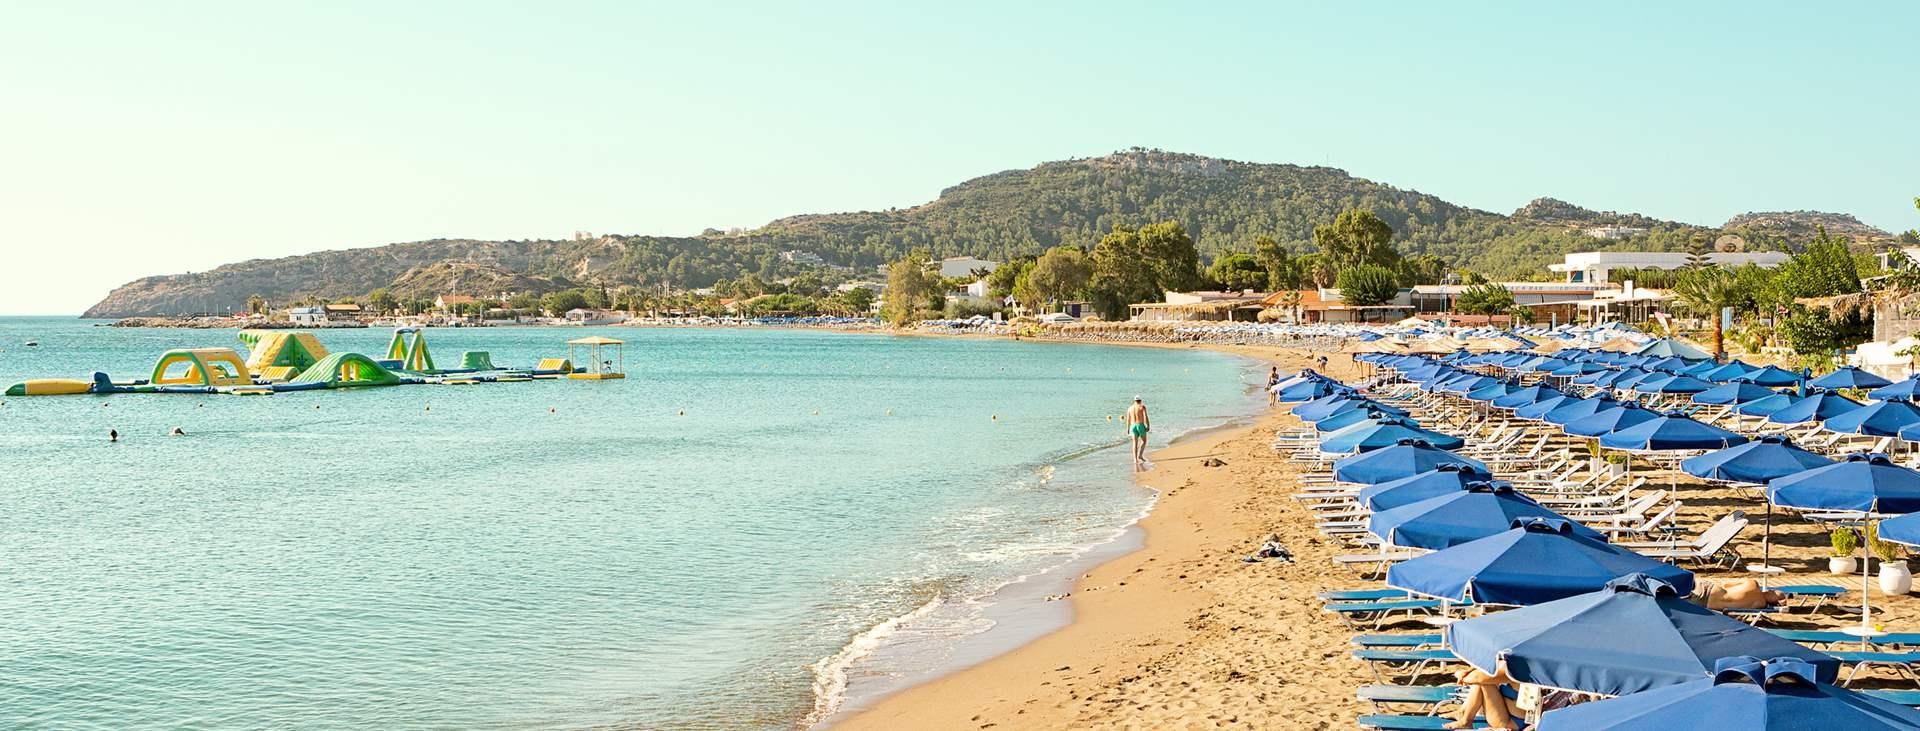 Bestill en reise med Ving til Faliraki på Rhodos